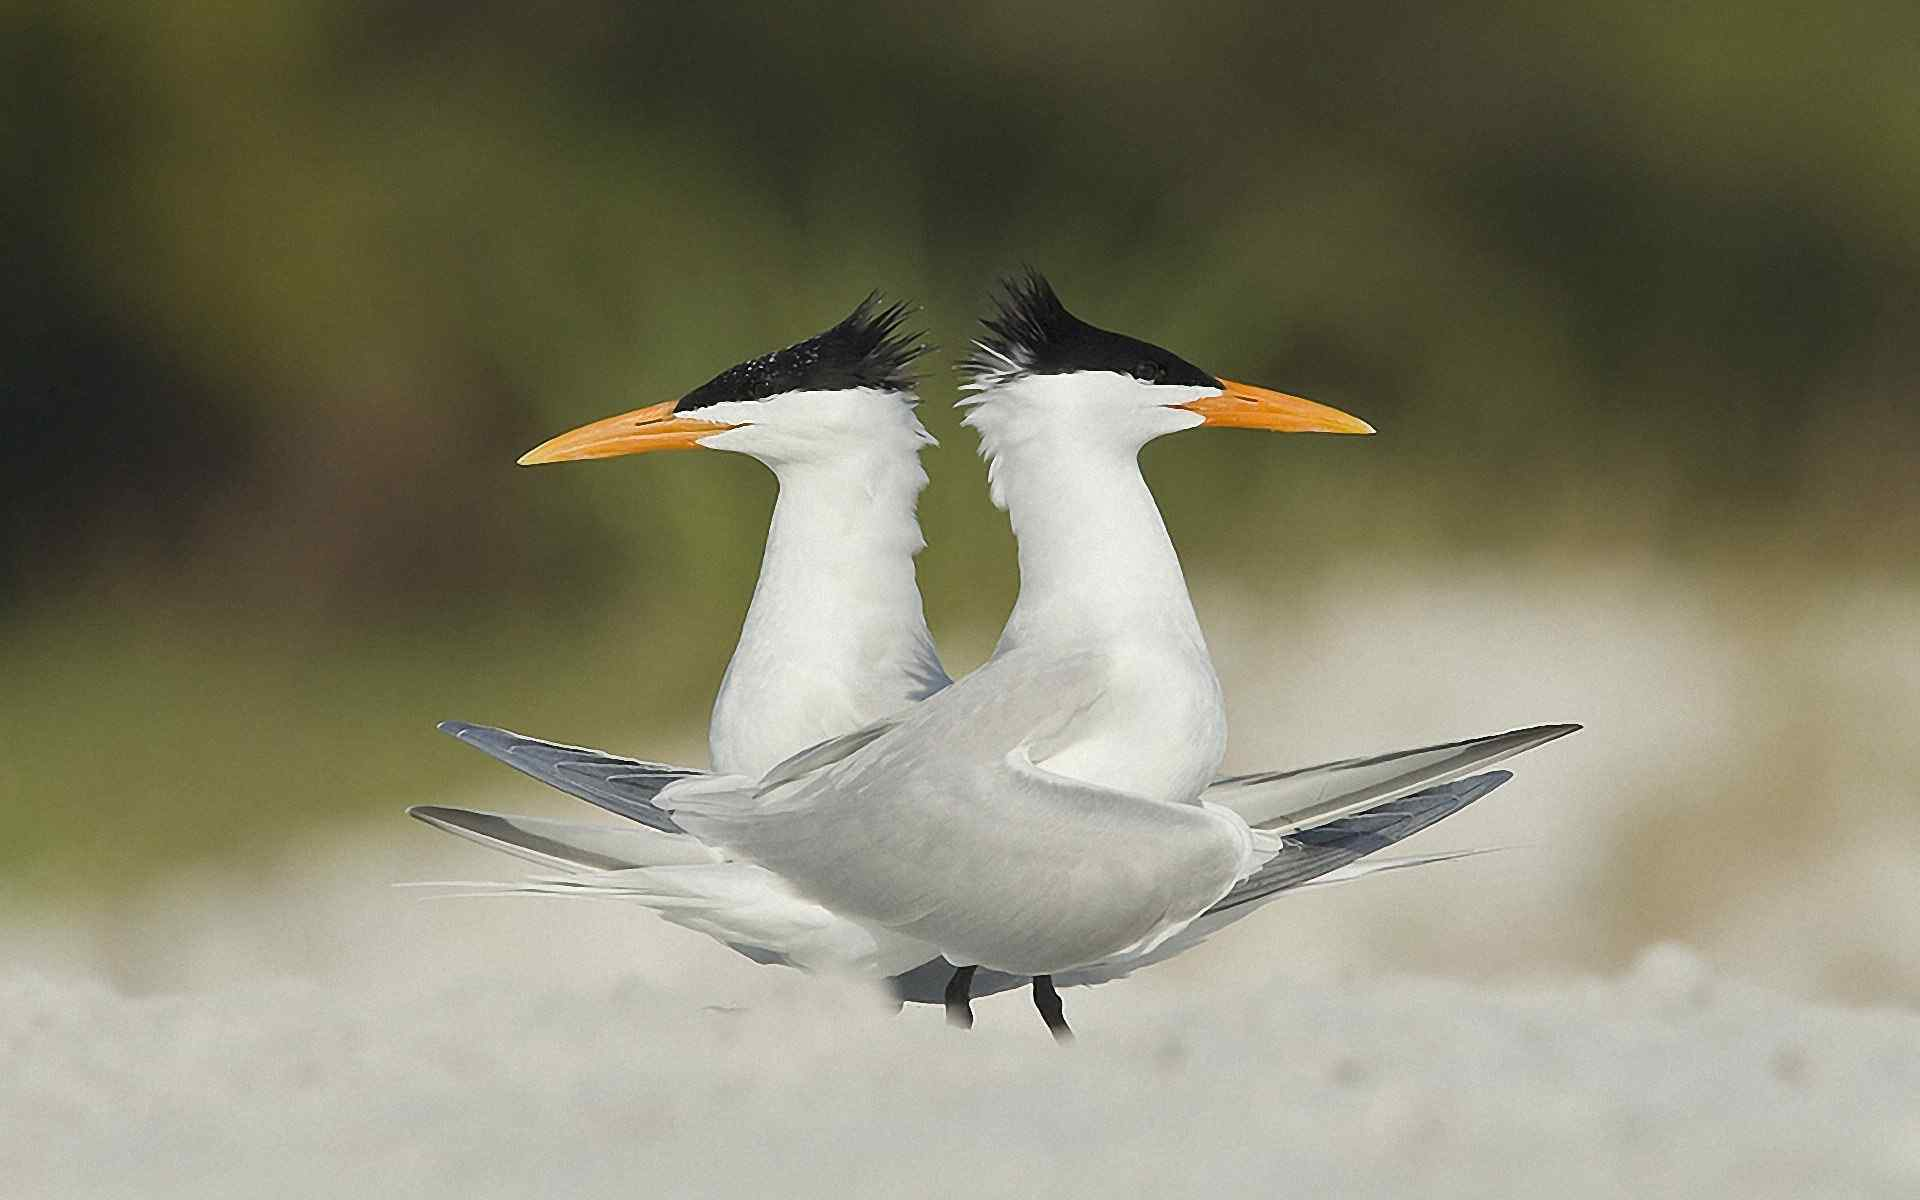 燕鸥高清动物摄影壁纸图片 第二辑